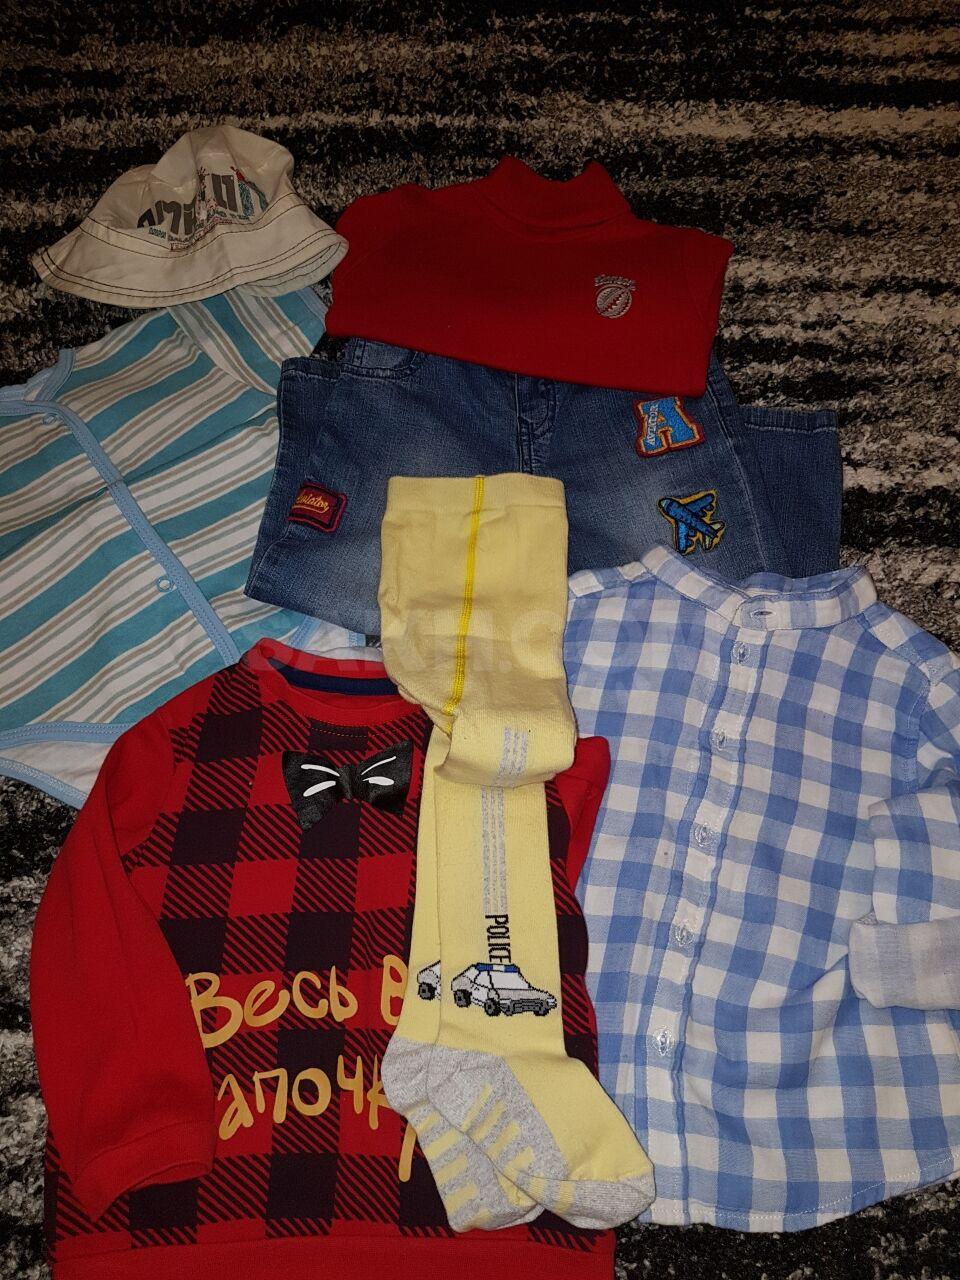 f0ac43639 Продам детские вещи на мальчика, возраст 1-1.5, все в идеальном  состоянии!(Боди, колготки и панама новые, кофты использовались для  фото)1000 руб.